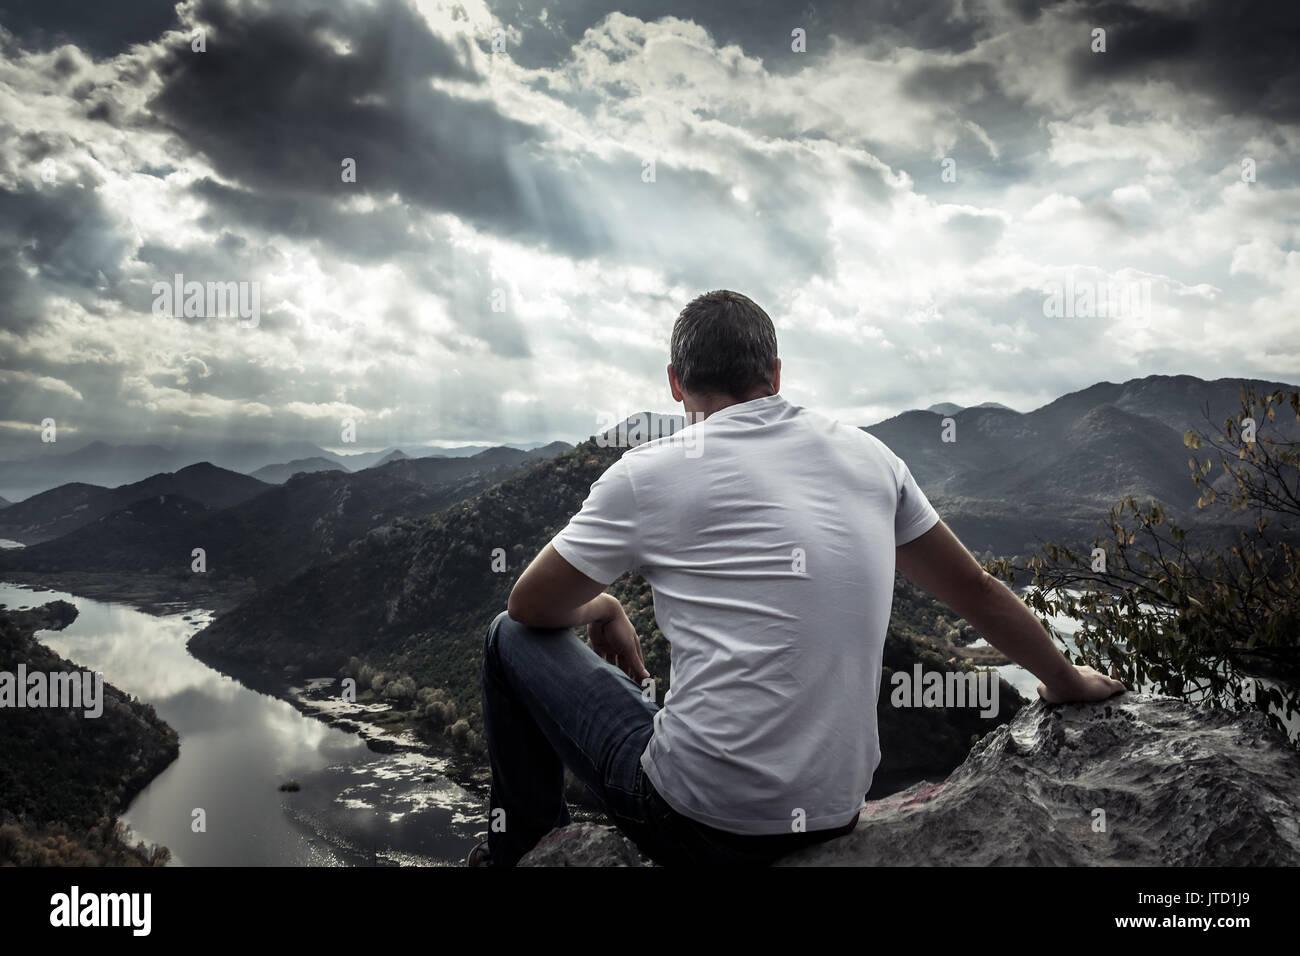 Homme seul à la recherche d'espoir à l'horizon sur sommet de montagne spectaculaire avec la lumière du soleil pendant le coucher du soleil avec effet de lumière au bout du tunnel Photo Stock